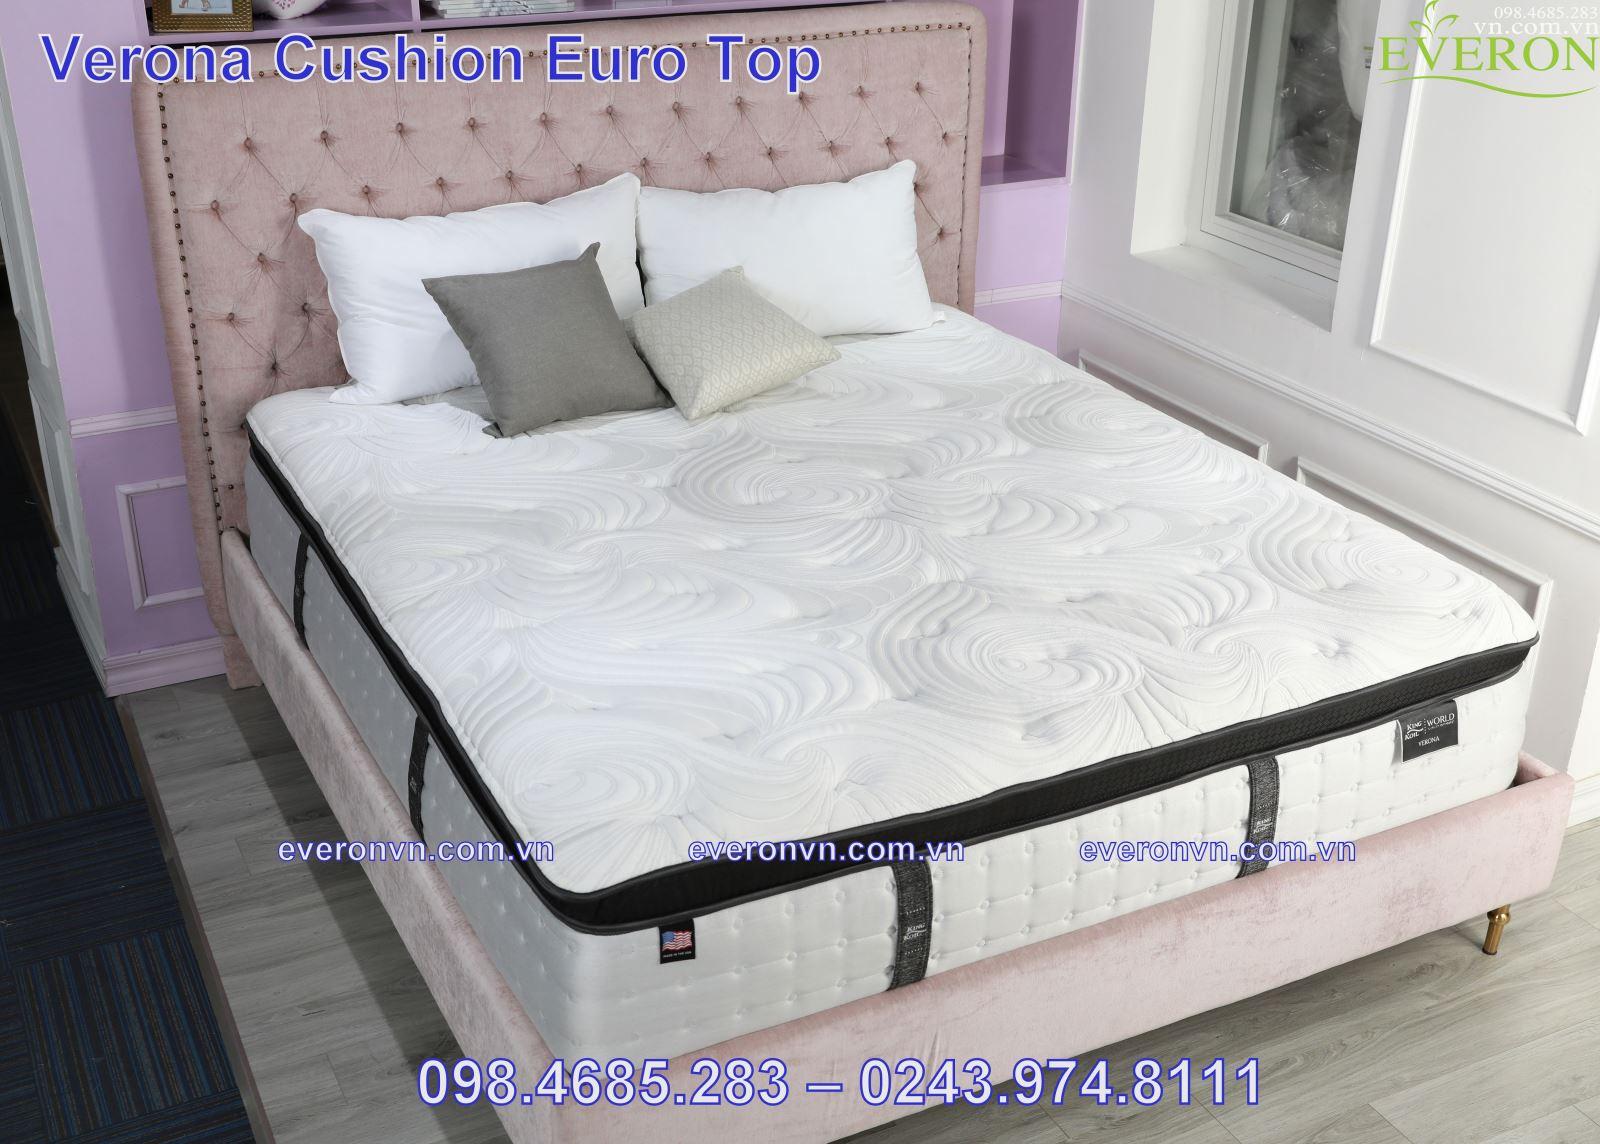 Đệm Lò Xo King Koil Verona Cushion Euro Top